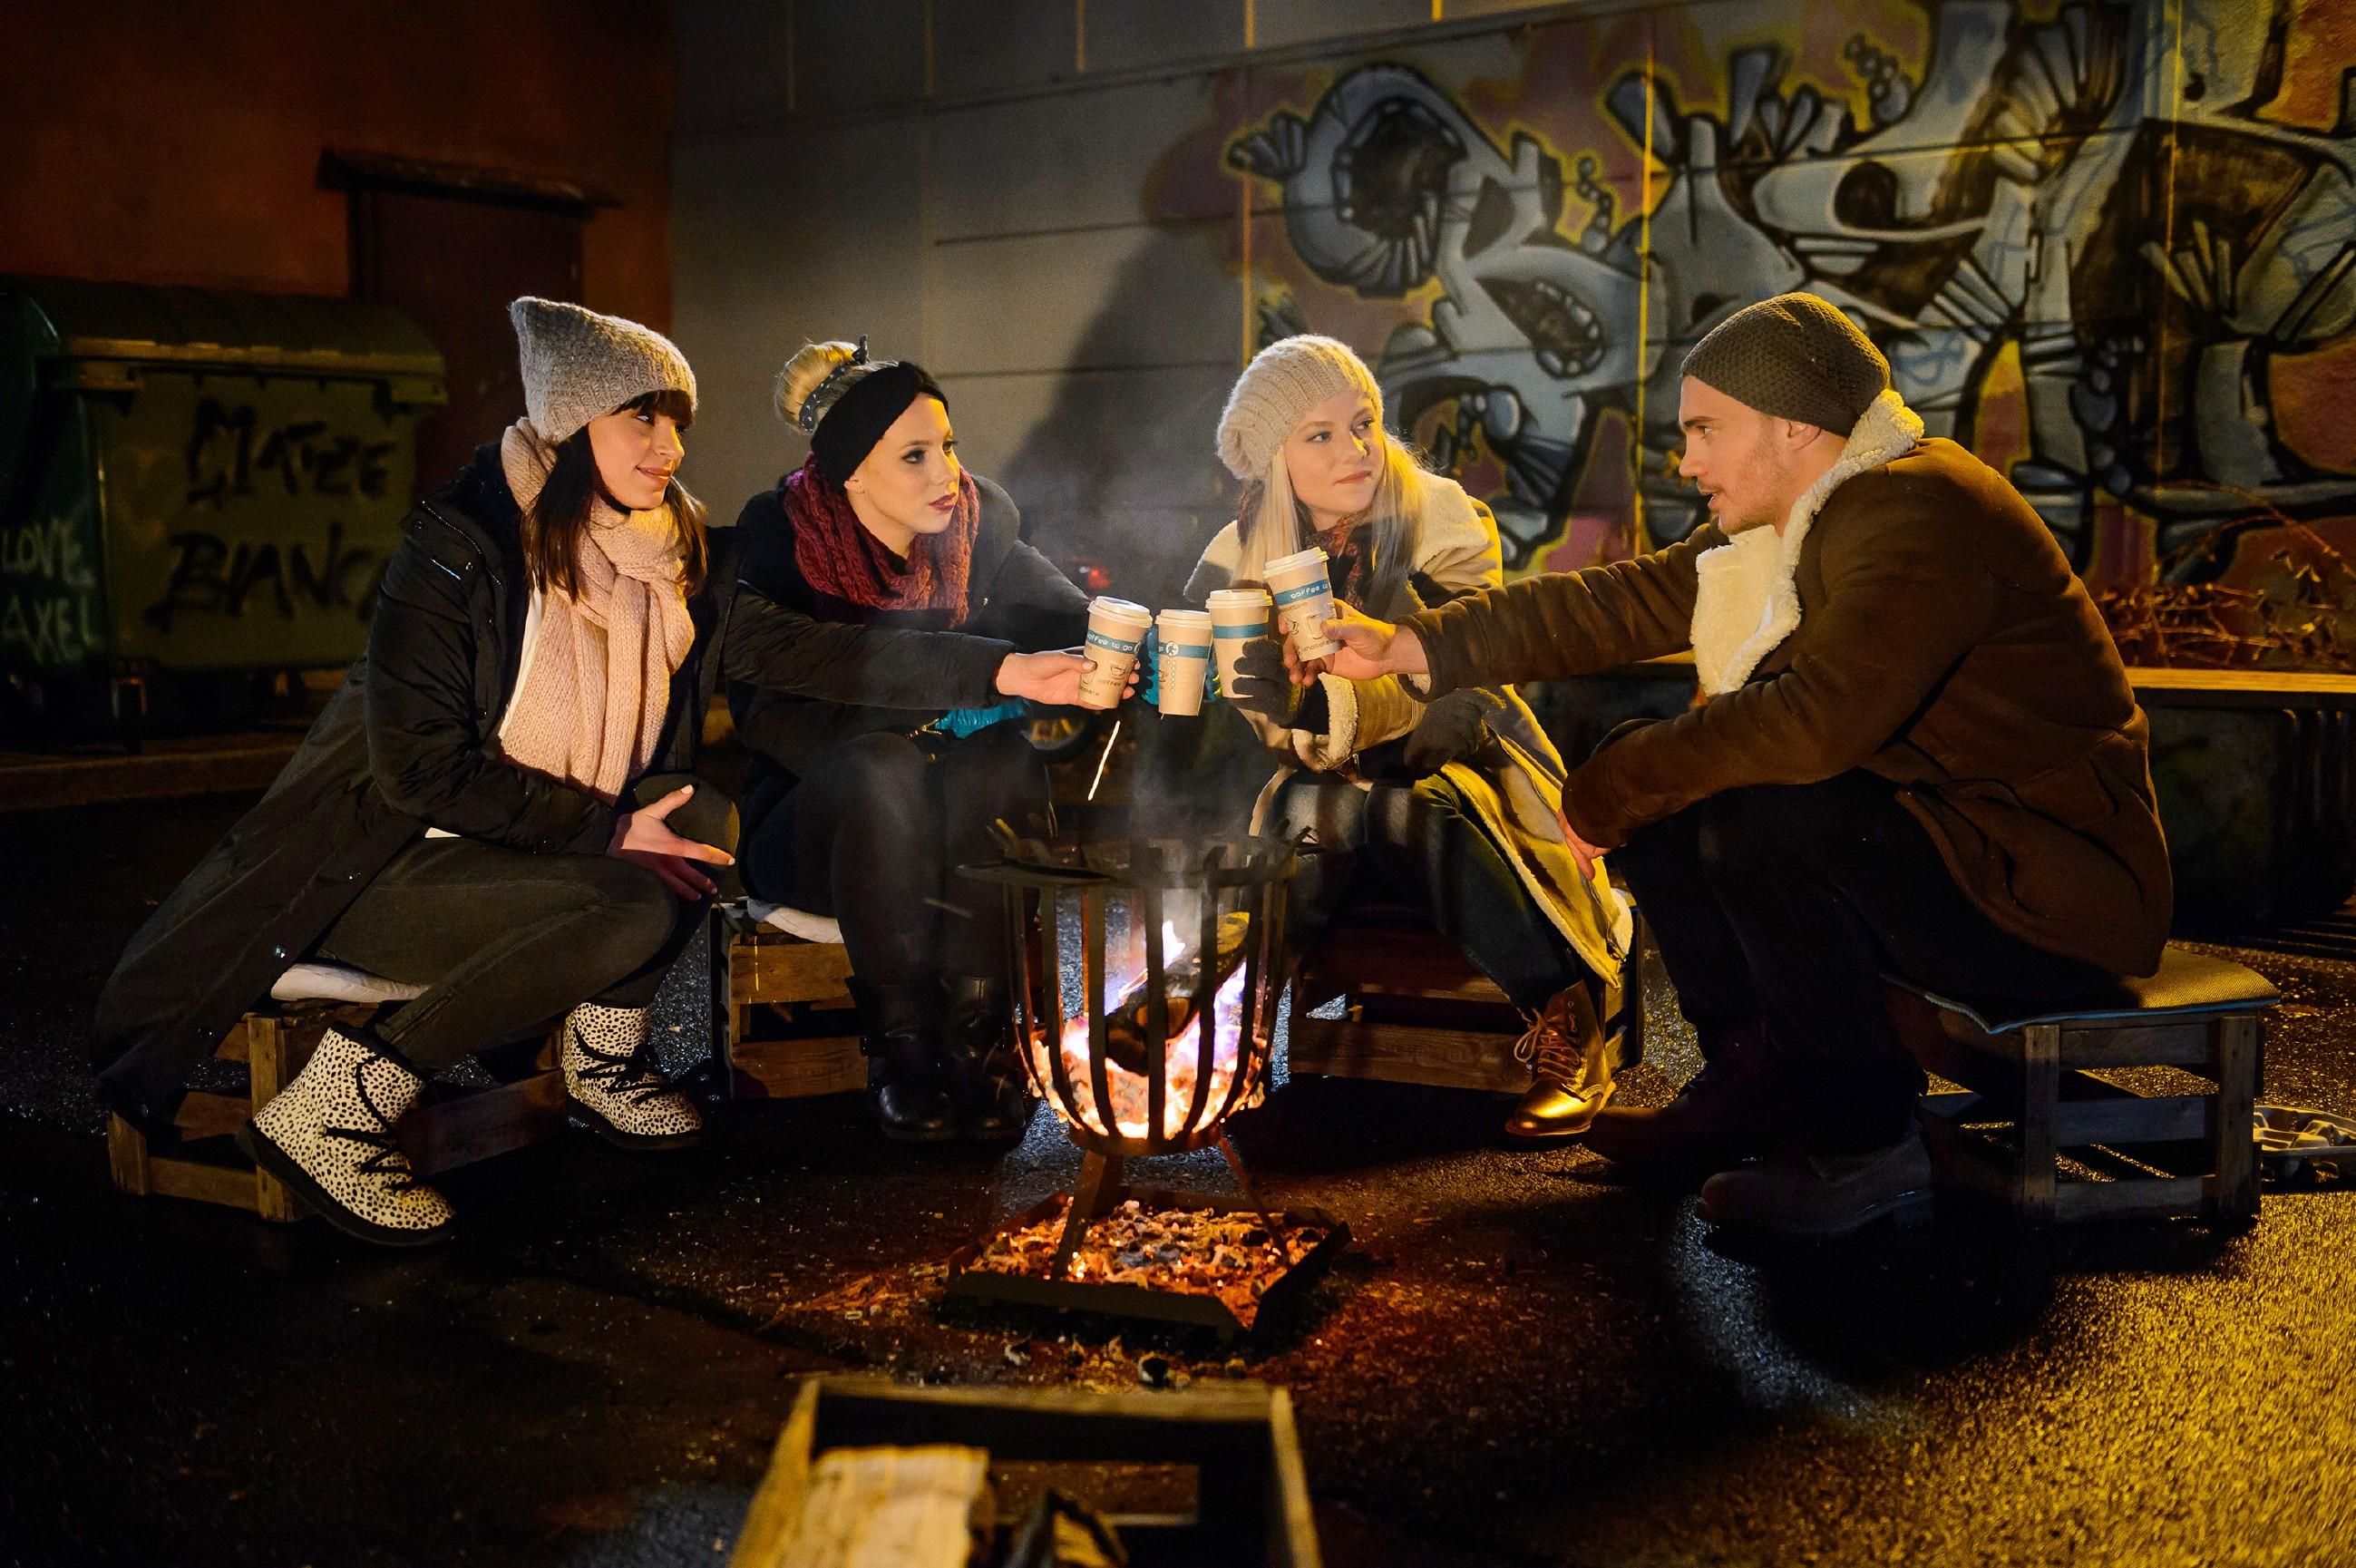 Während ihrer Mahnwache für Leo offenbart Michelle (Franziska Benz, l.) Iva (Christina Klein, 2.v.l.), Marie (Cheyenne Pahde) und Ronny (Bela Klentze) ihre Sehnsucht nach dem Eis. (Quelle: RTL / Willi Weber)